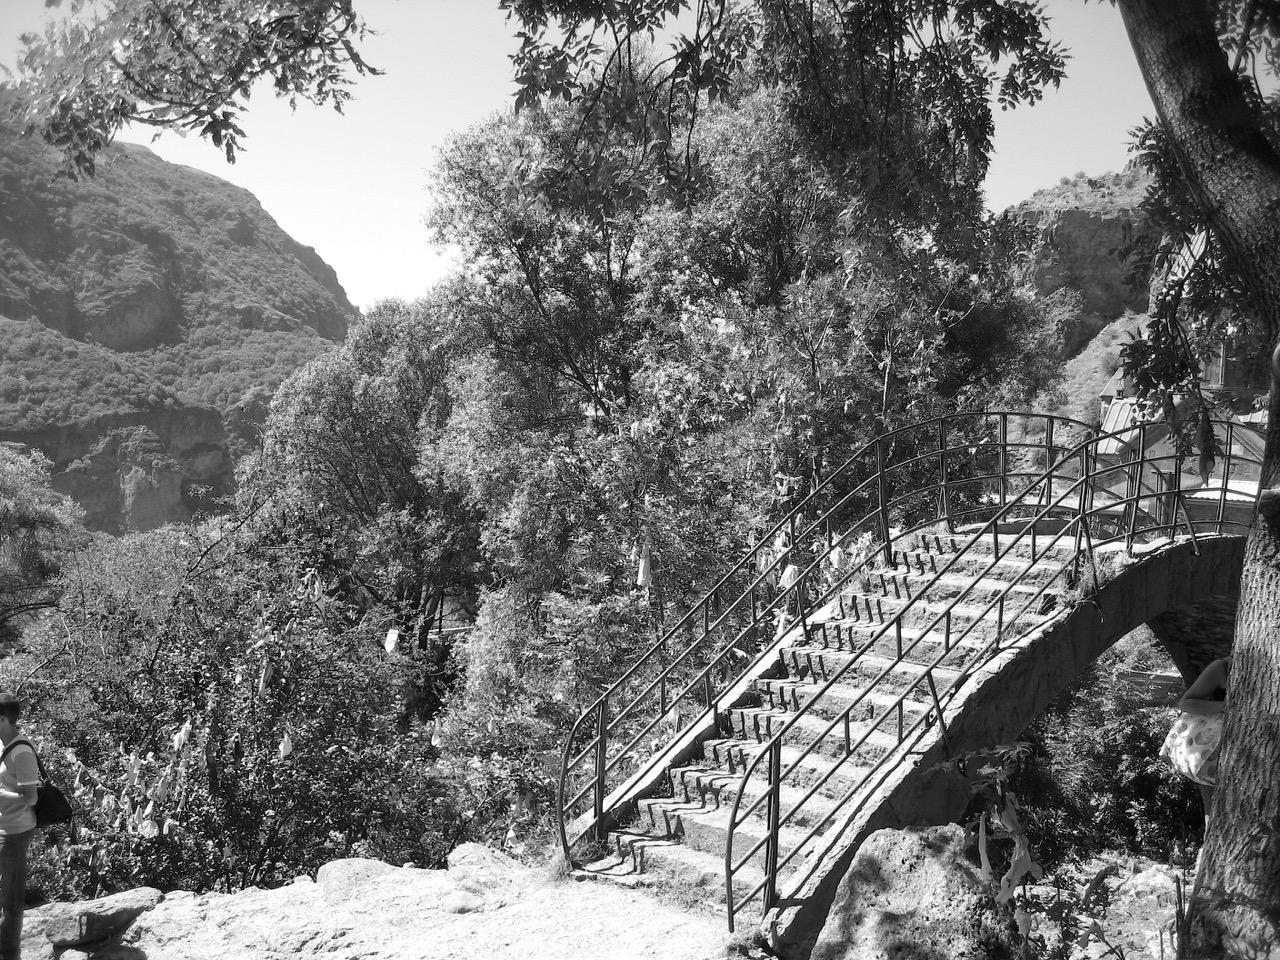 Foto: Kloster Geghard. Aus: Eriwan. Aufzeichnungen aus Armenien von Marc Degens. Kapitel 1.